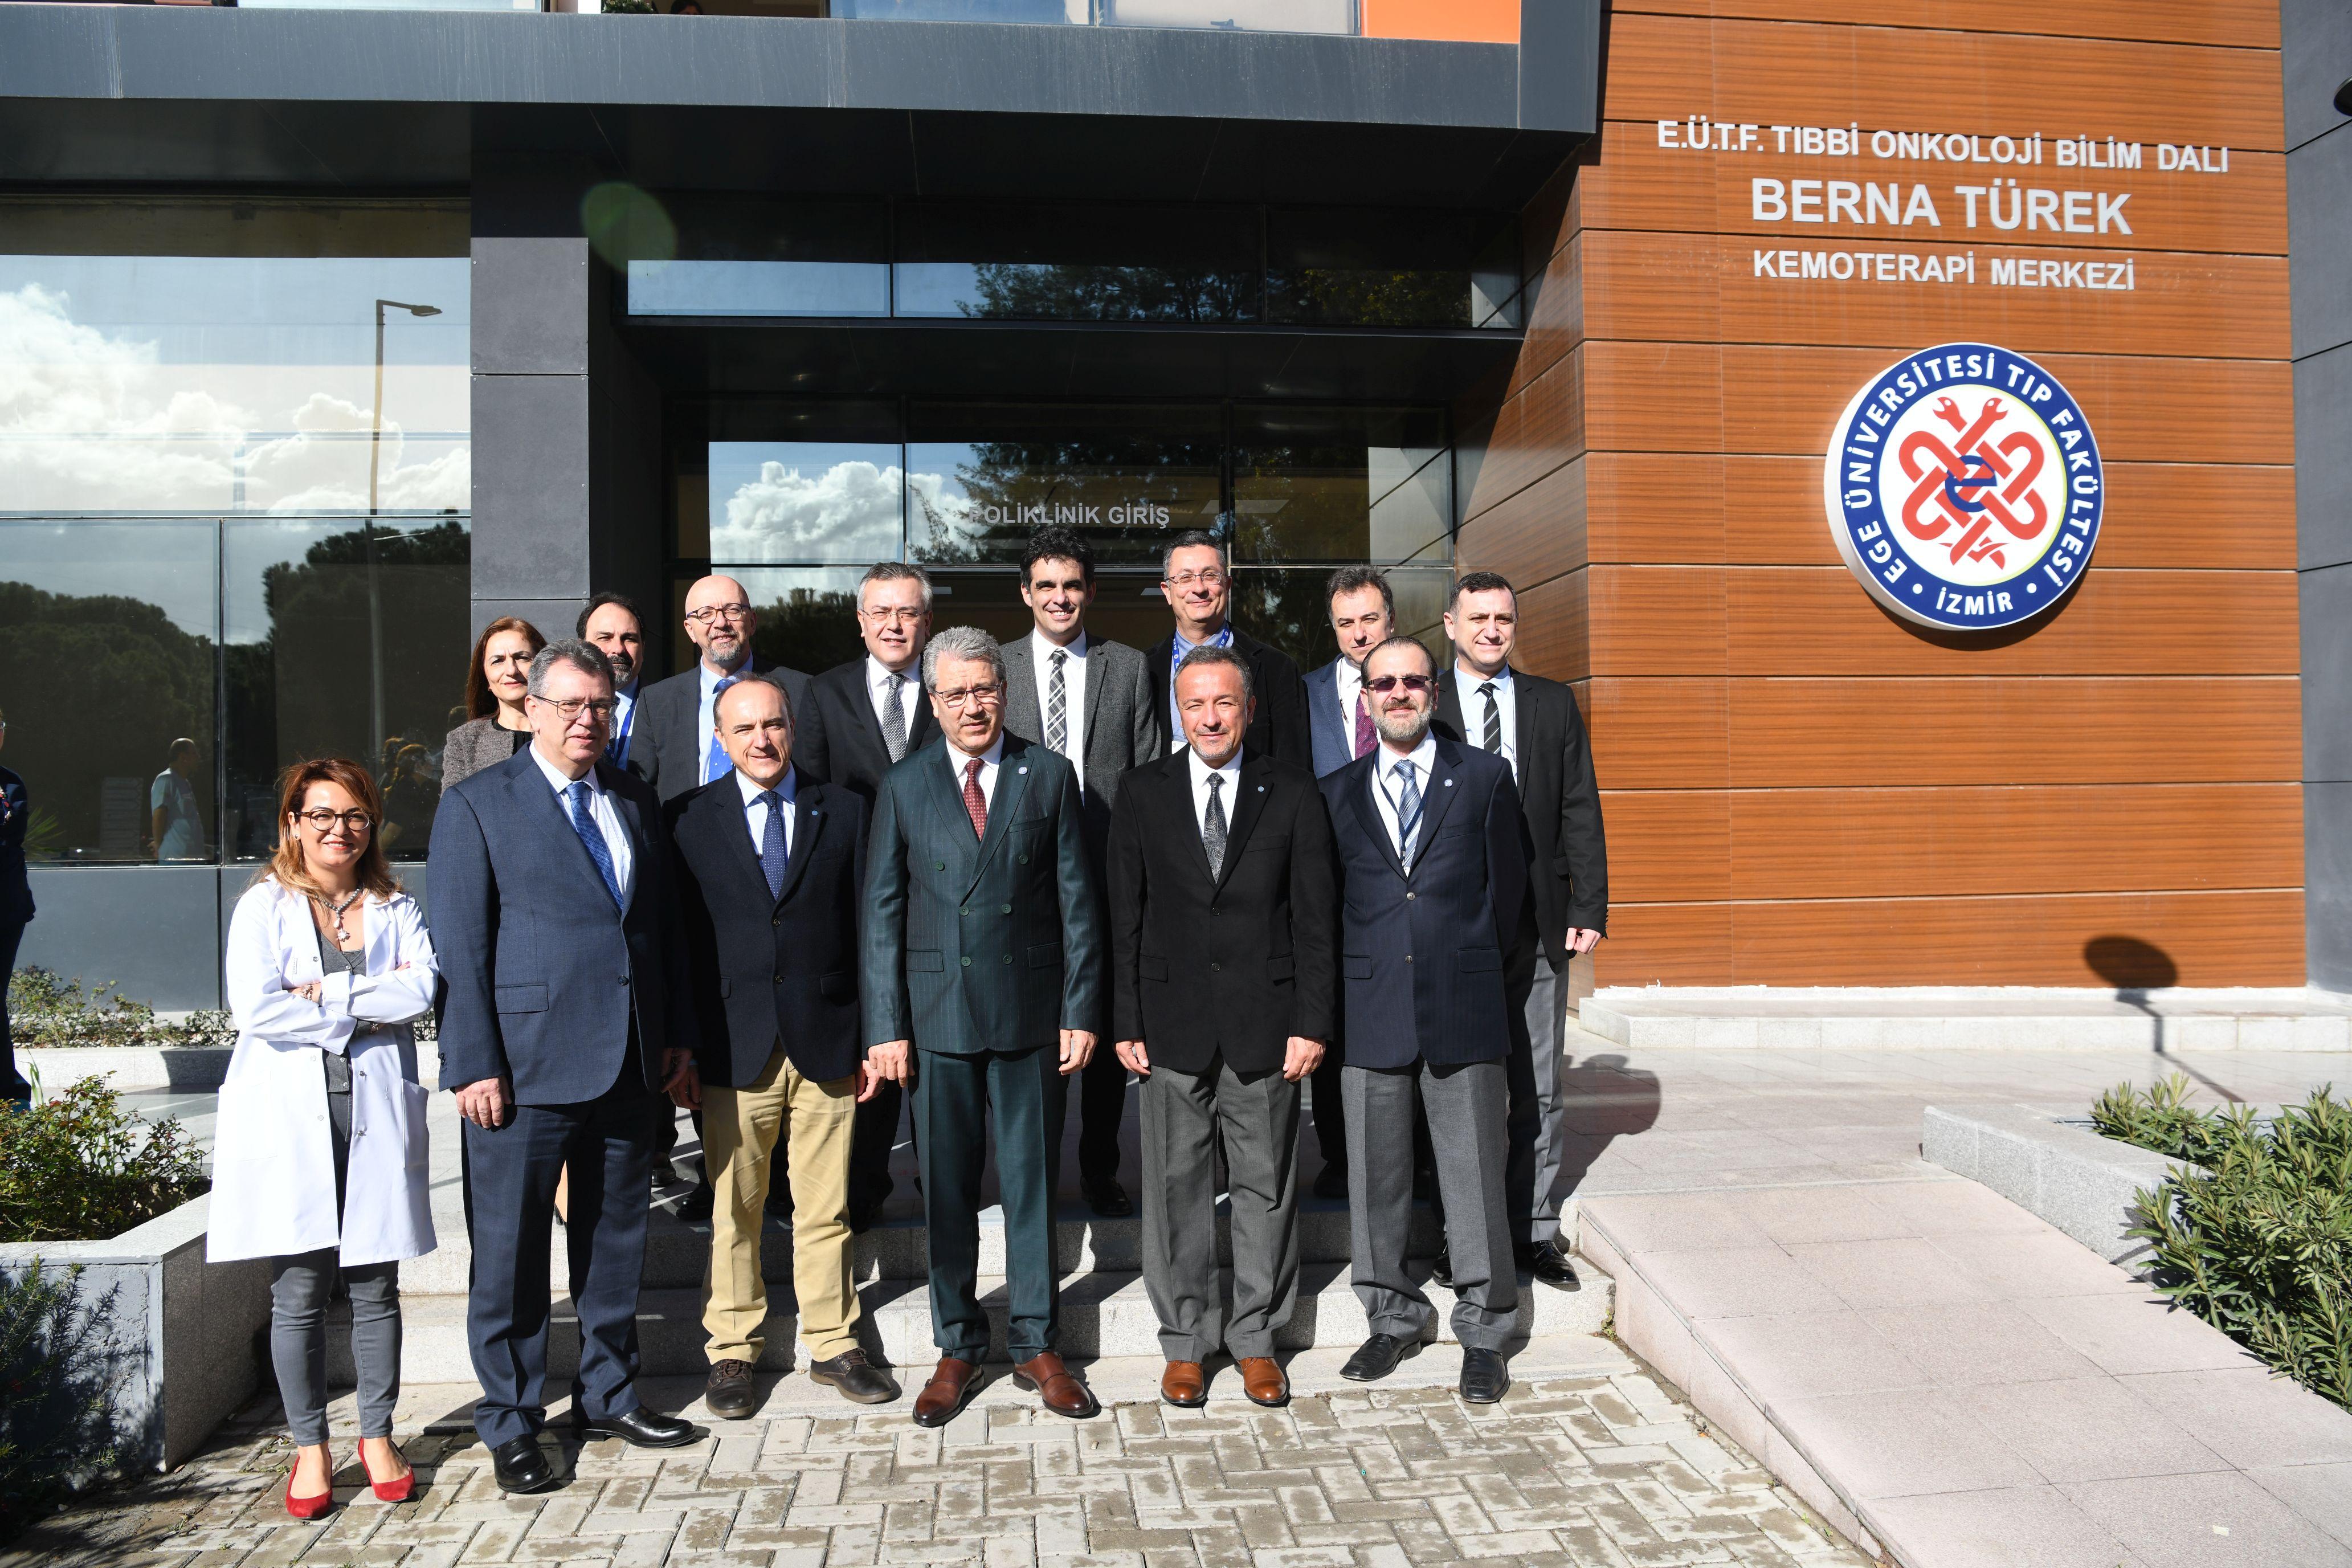 Ege Üniversitesi'nden kanser hastalarına Dünya standartlarında hizmet